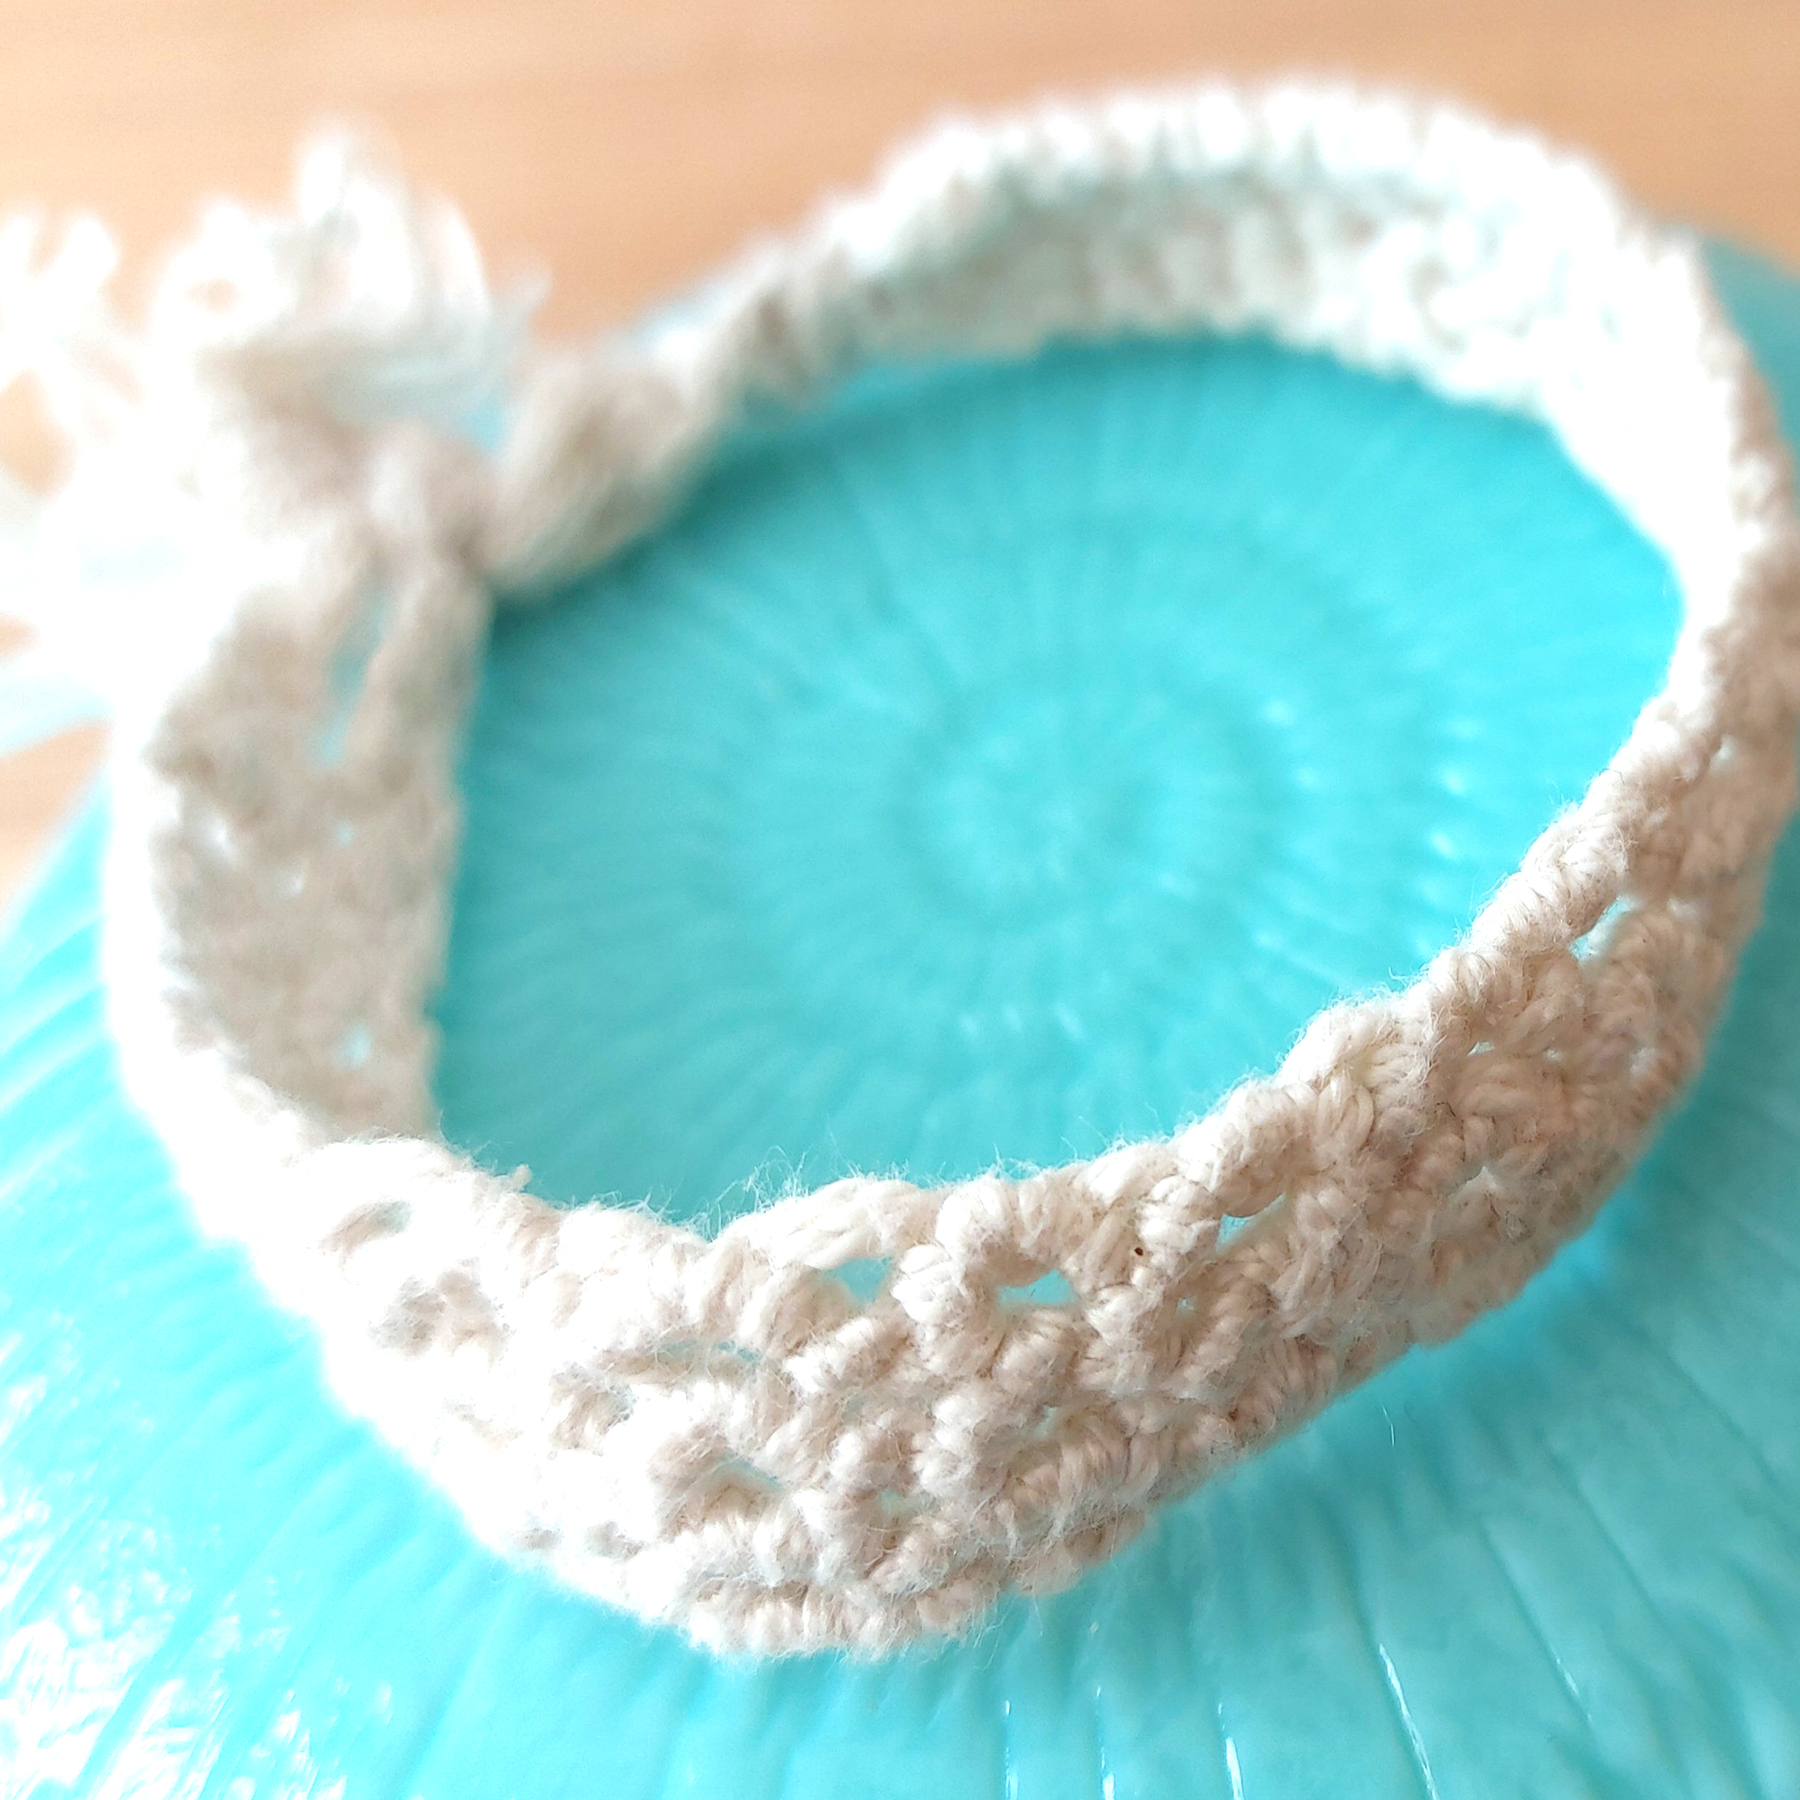 bracelet-macrame-ivory-color